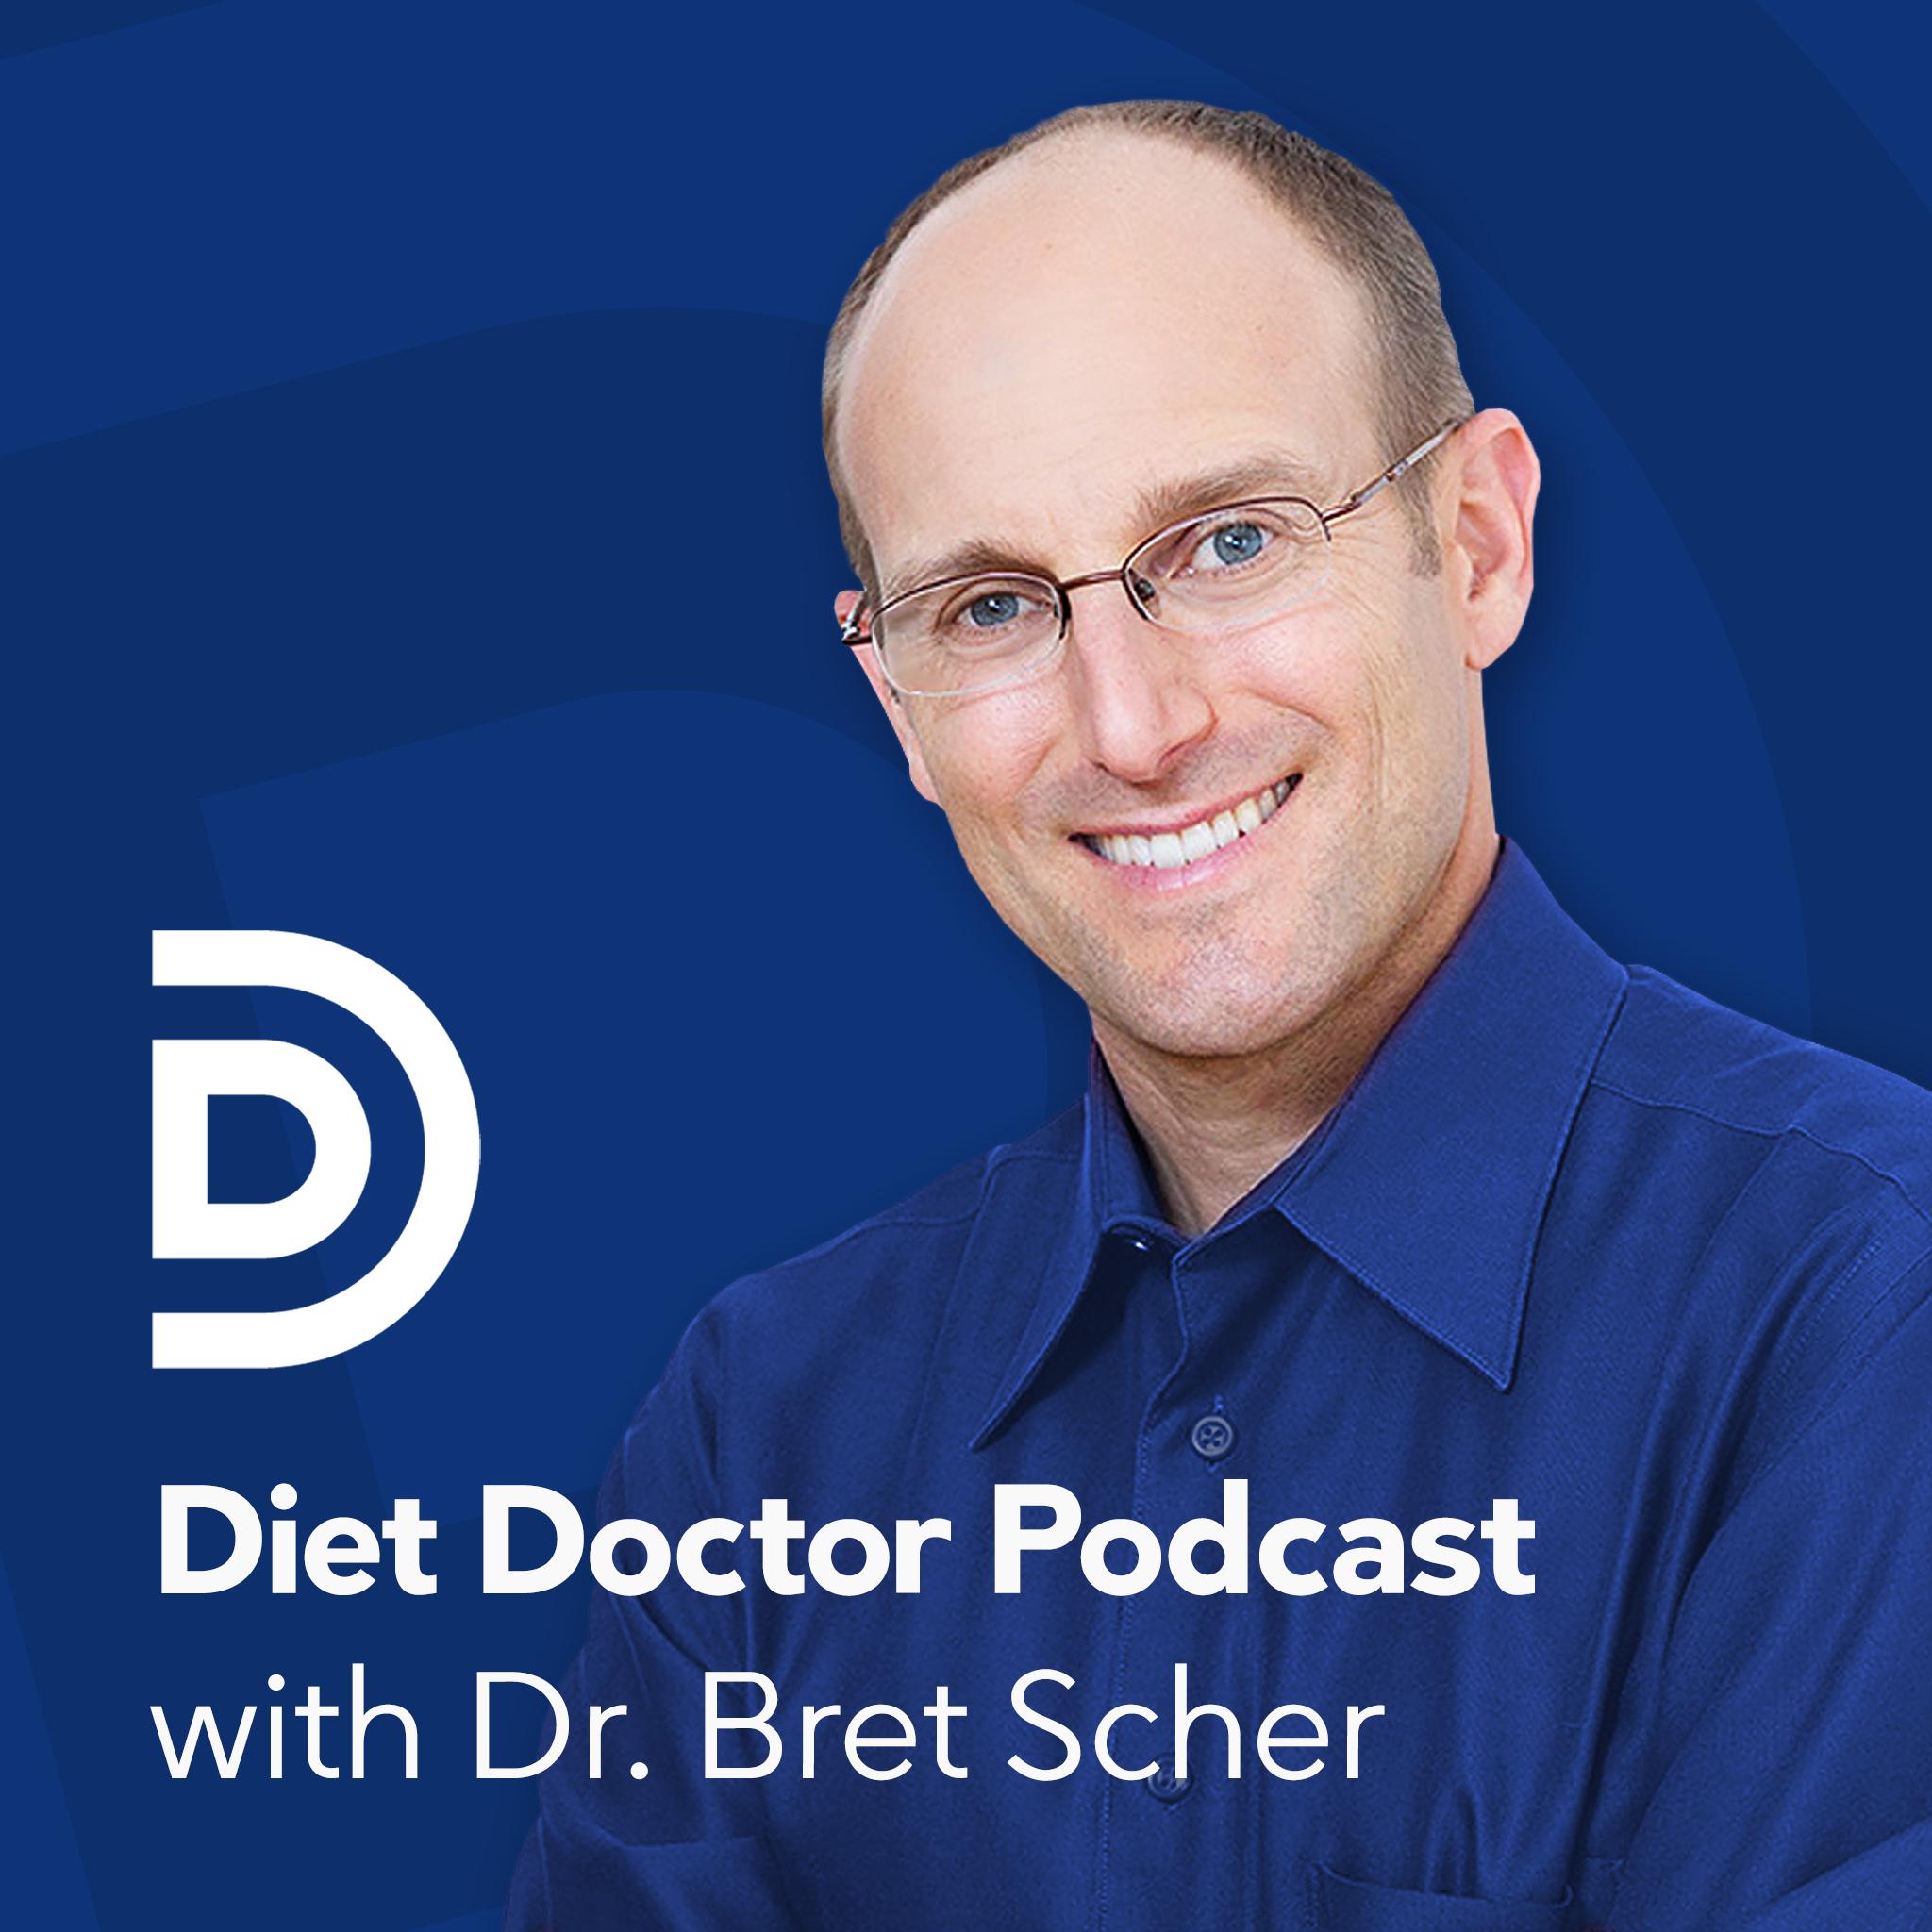 Diet Doctor Podcast #8 — Dave Feldman — Diet Doctor